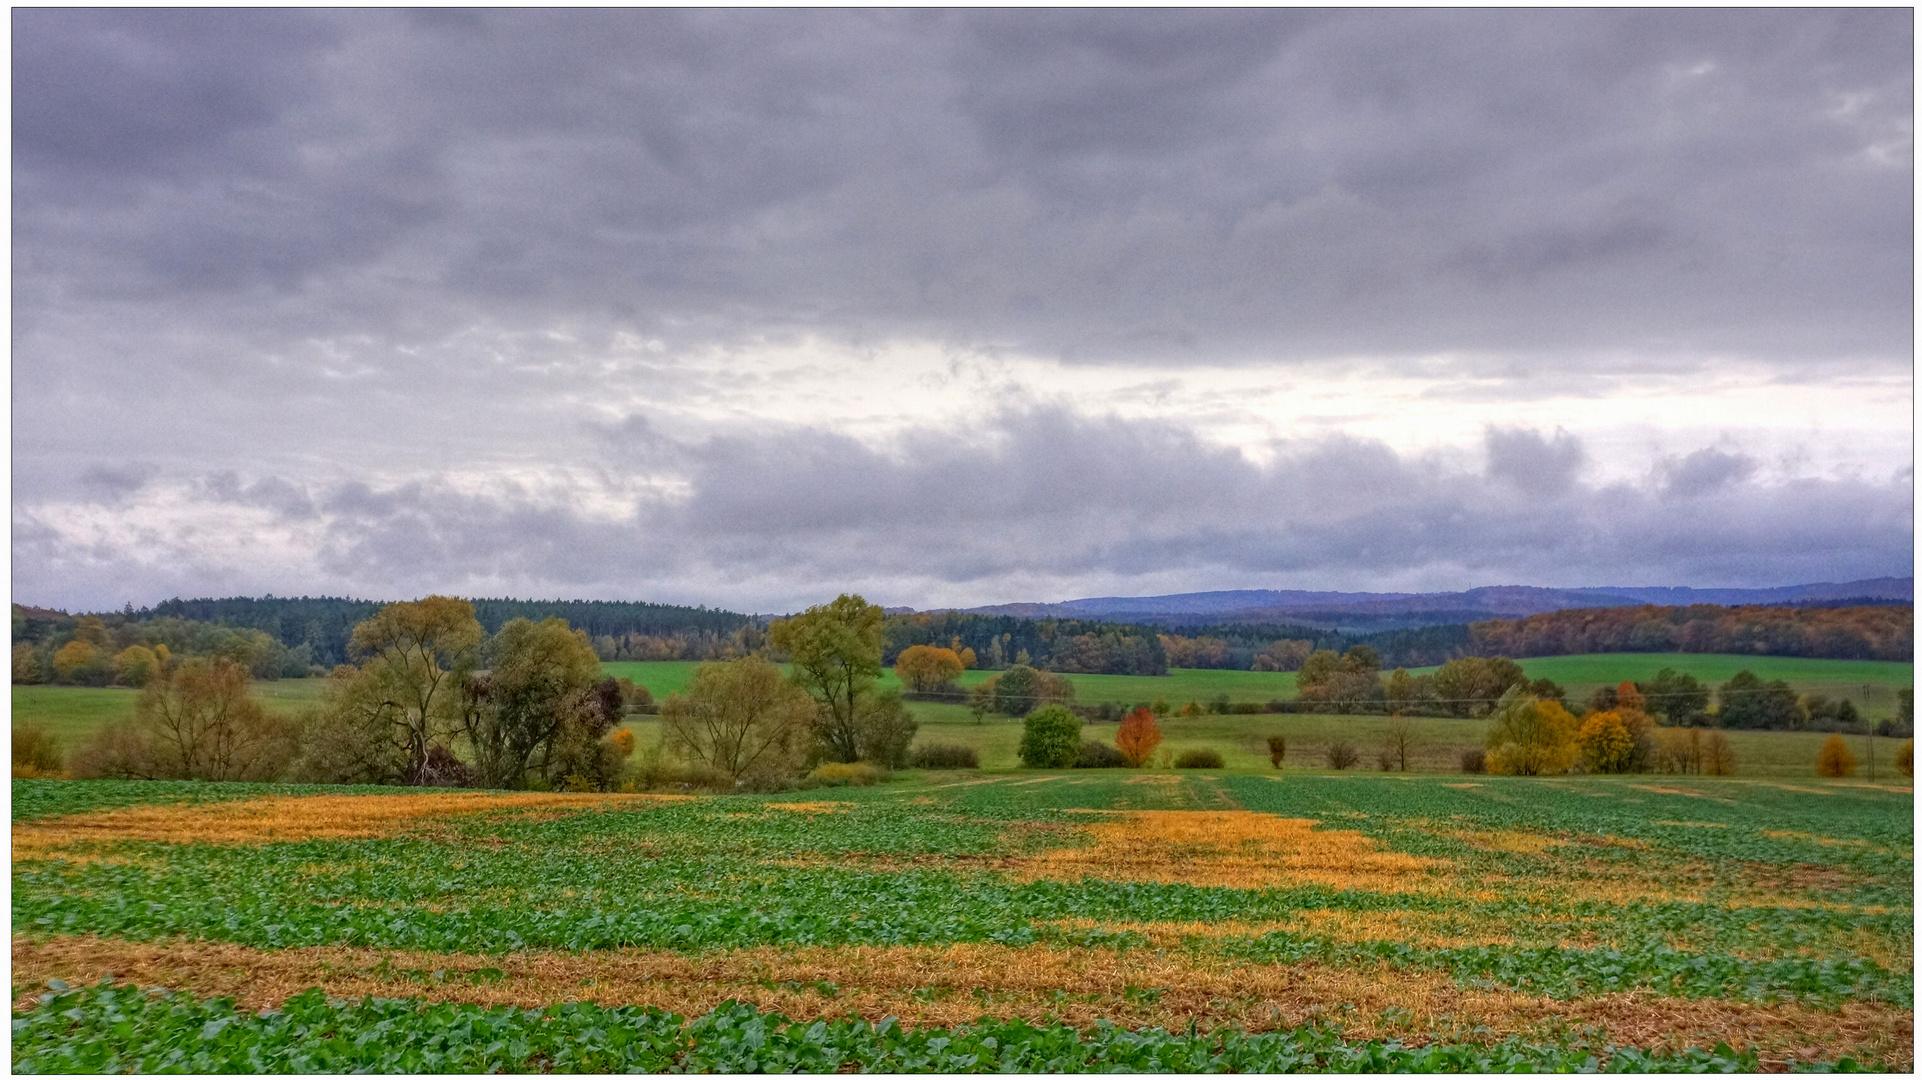 Herbstliche Landschaft II (paisaje otoñal Il)